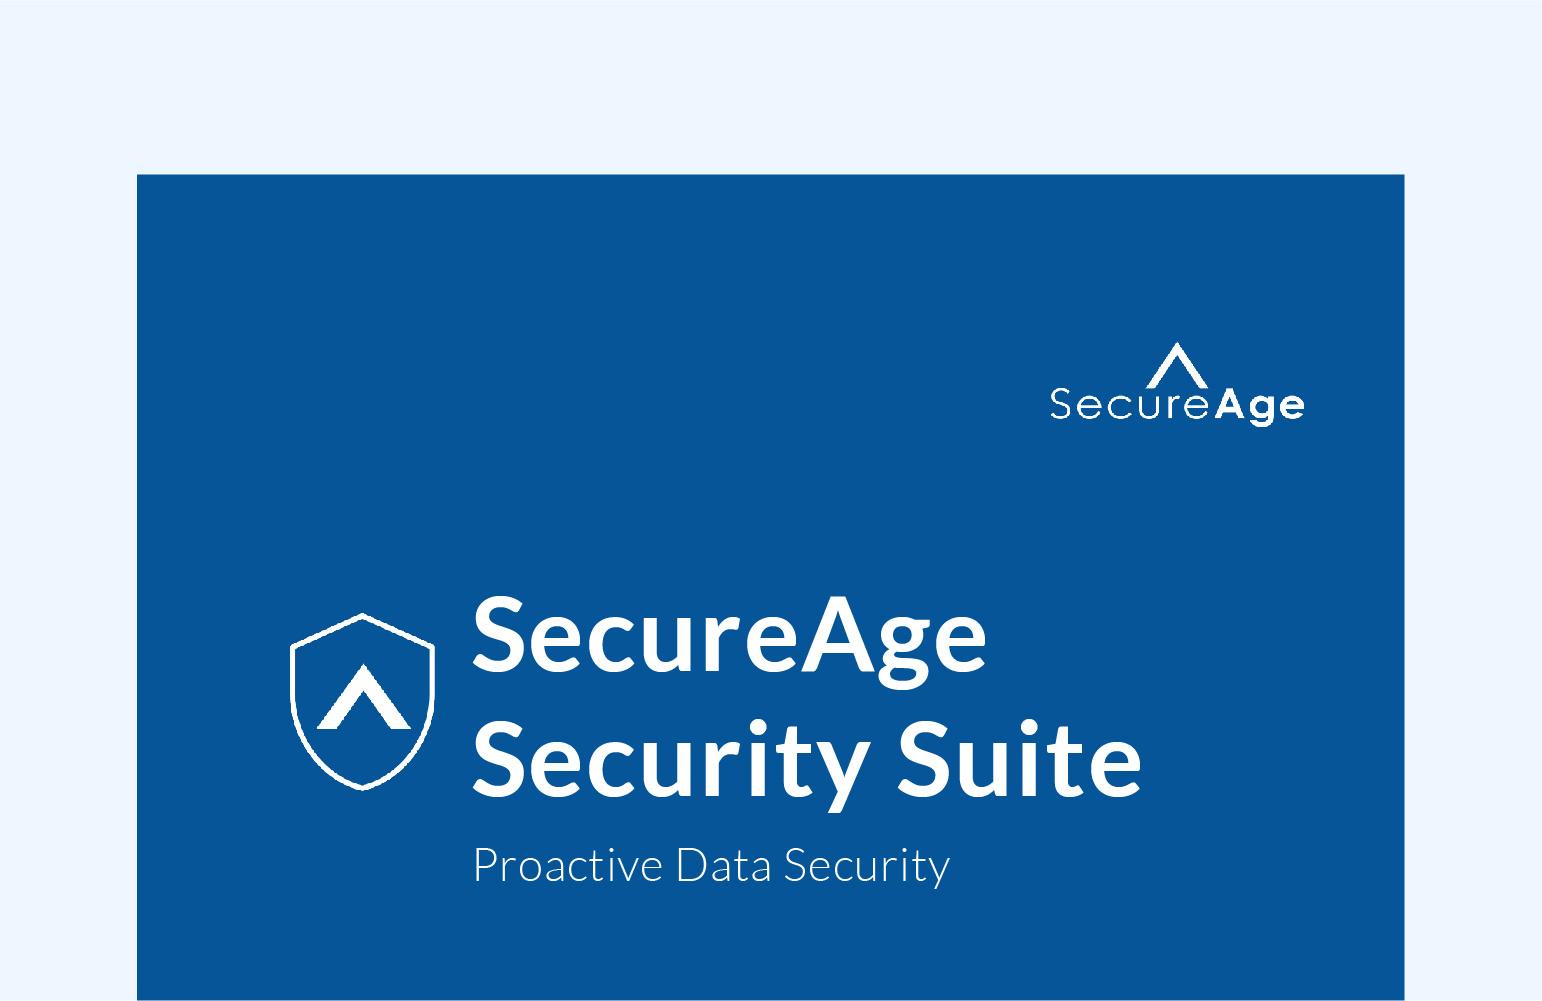 SecureAge Security Suite Brochure